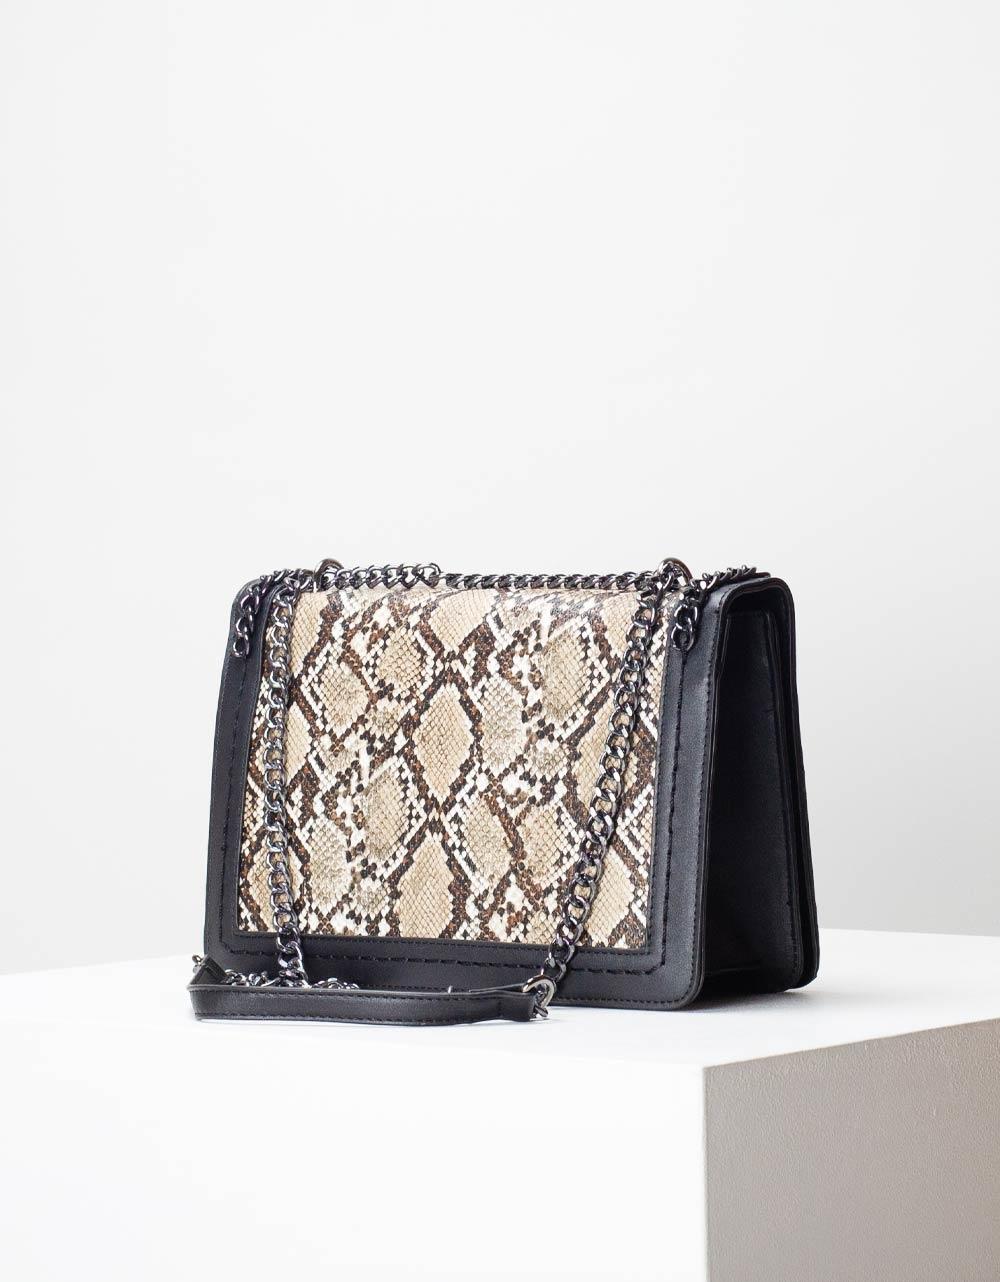 Εικόνα από Γυναικεία τσάντα ώμου & χιαστί animal print με αλυσίδα Καφέ